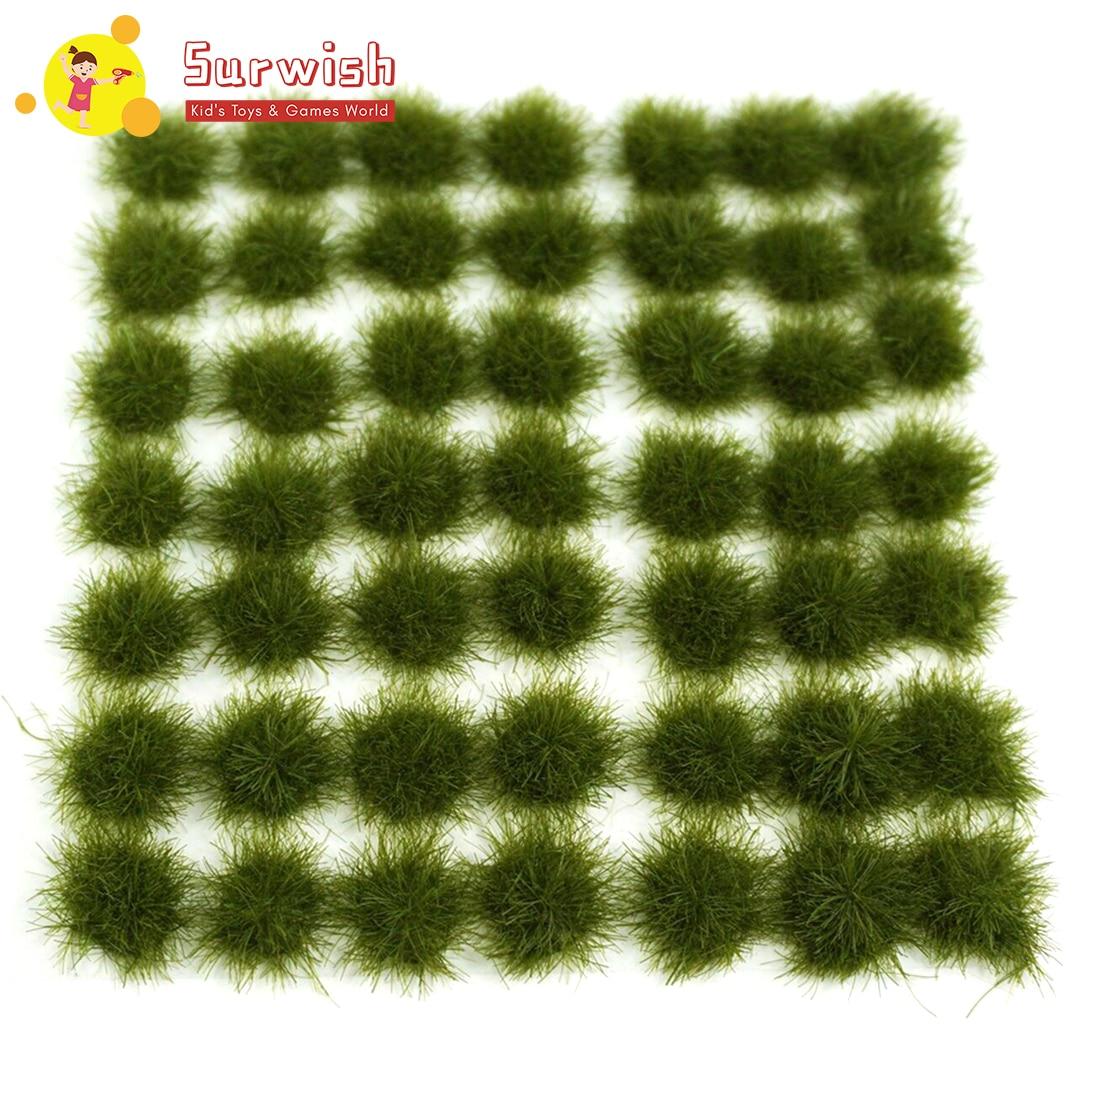 147 шт трава кластер статическая трава пучки для 1:35 1:48 1: 72 1: 87 песок стол архитектурная модель-темно-зеленый